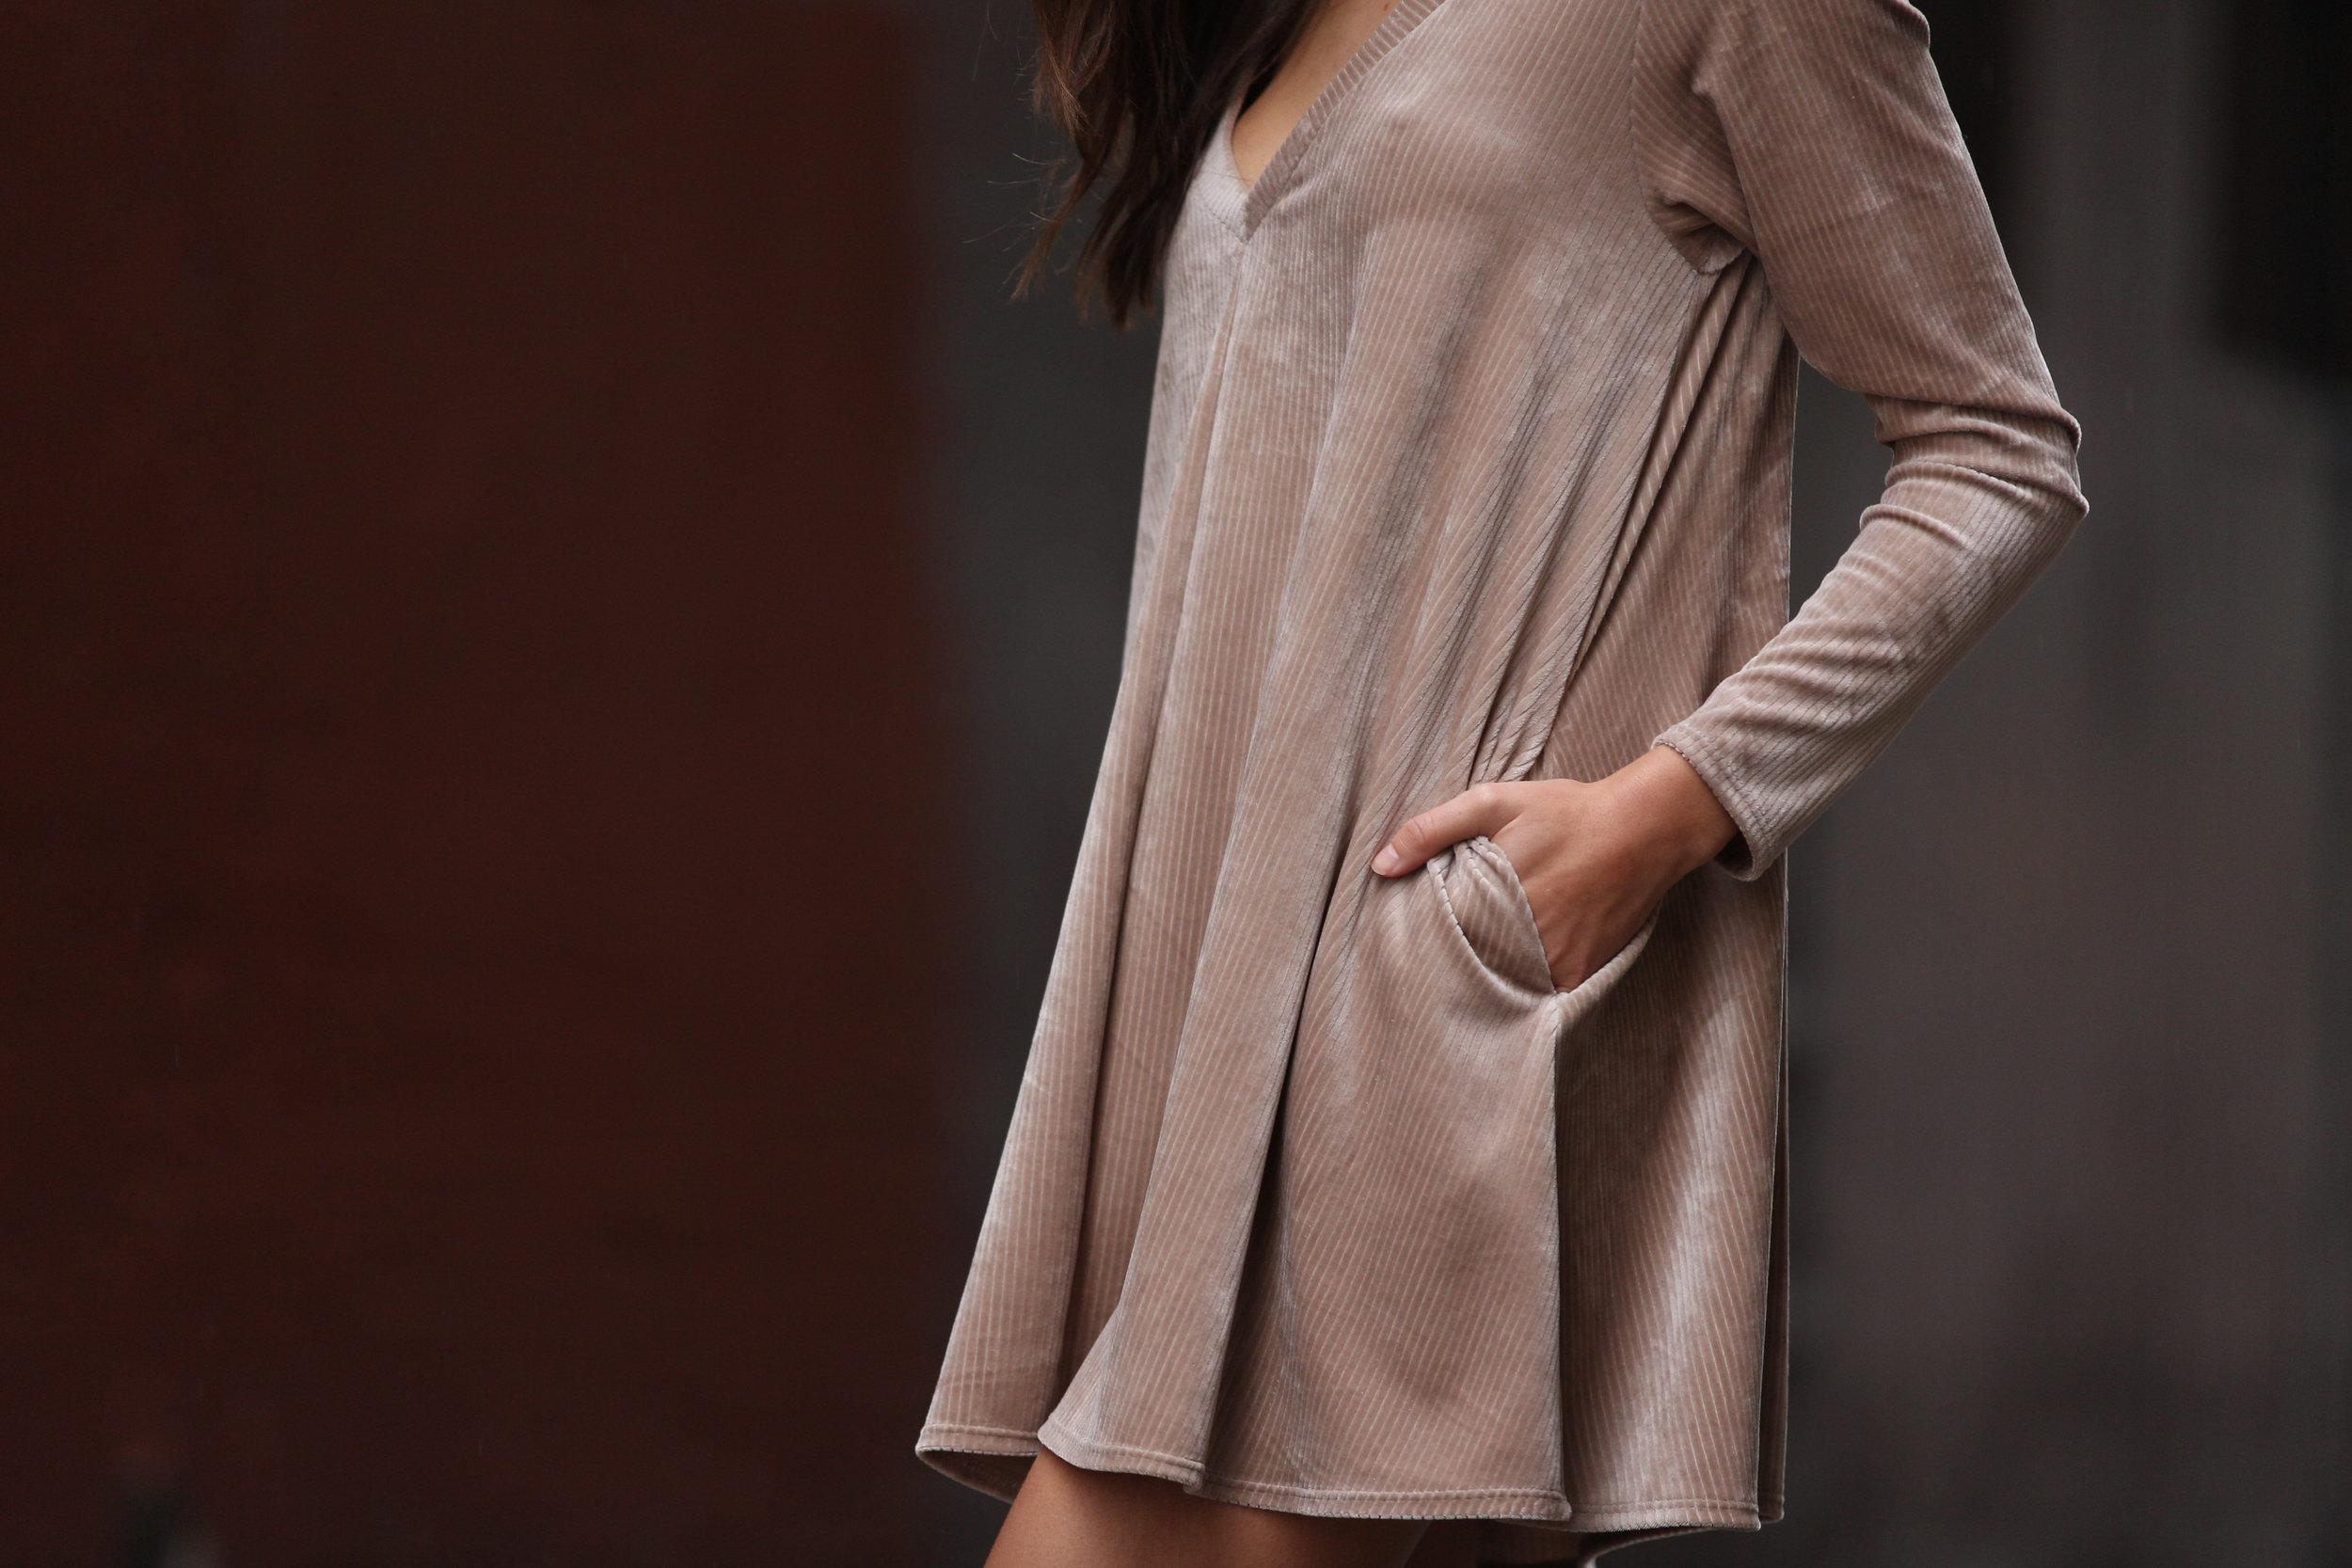 DELACY HANNAH VELVET DRESS WITH POCKETS.JPG